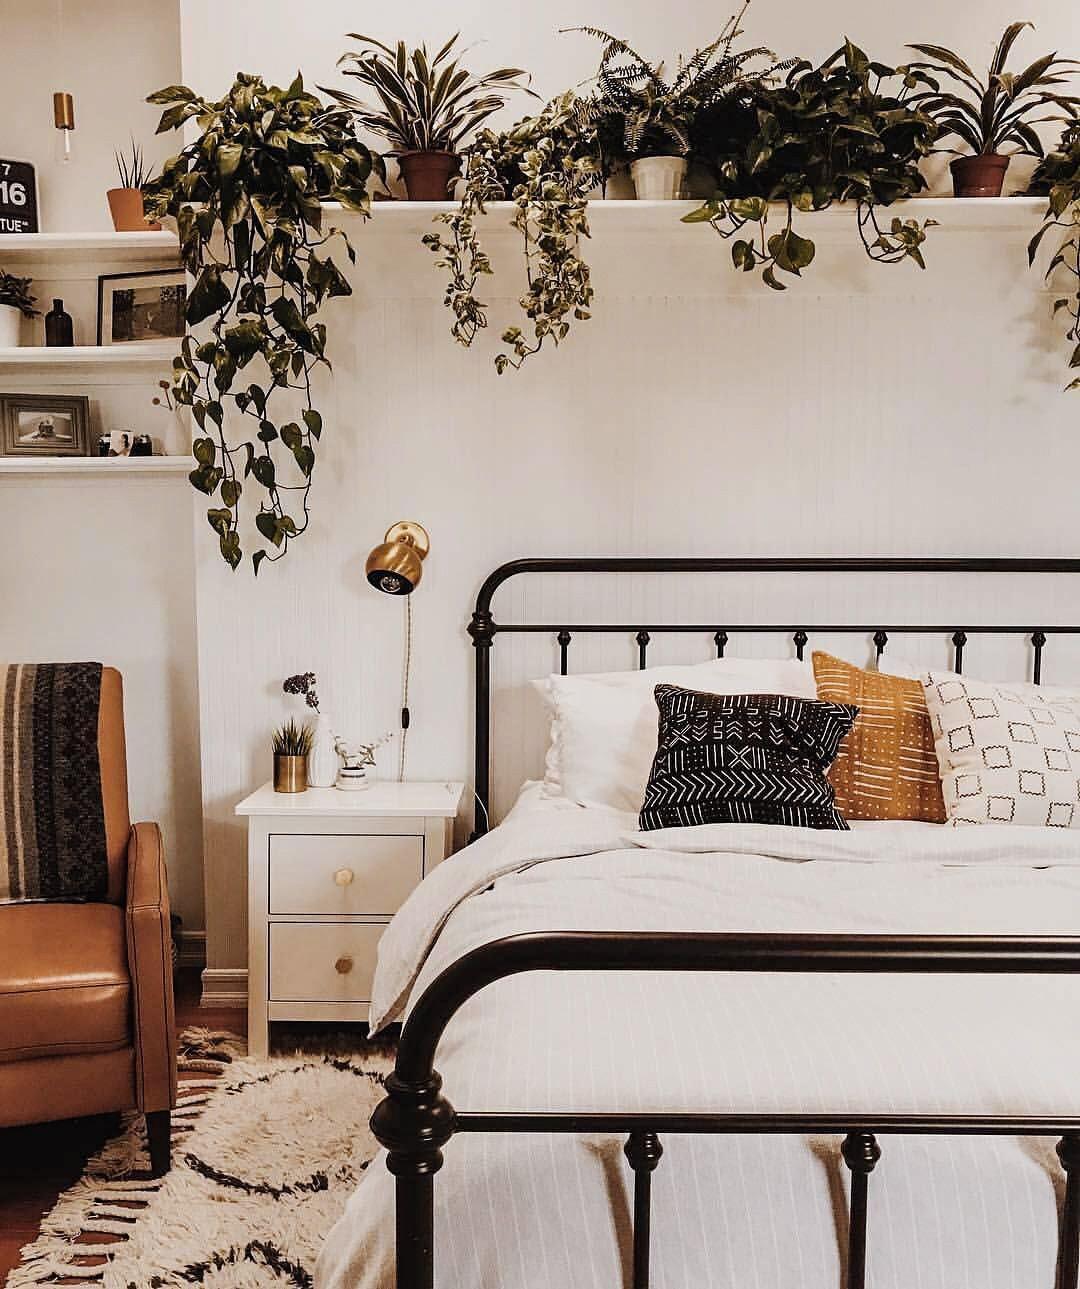 Gute Schlafzimmer Pflanzen #19: Wandteppich, Wohnung Einrichten, Schlafzimmer Ideen, Gute Ideen, Zuhause,  Pflanzen, Einrichtung, Shabby Schlafzimmer, Selbstgemachte Schlafzimmerdeko